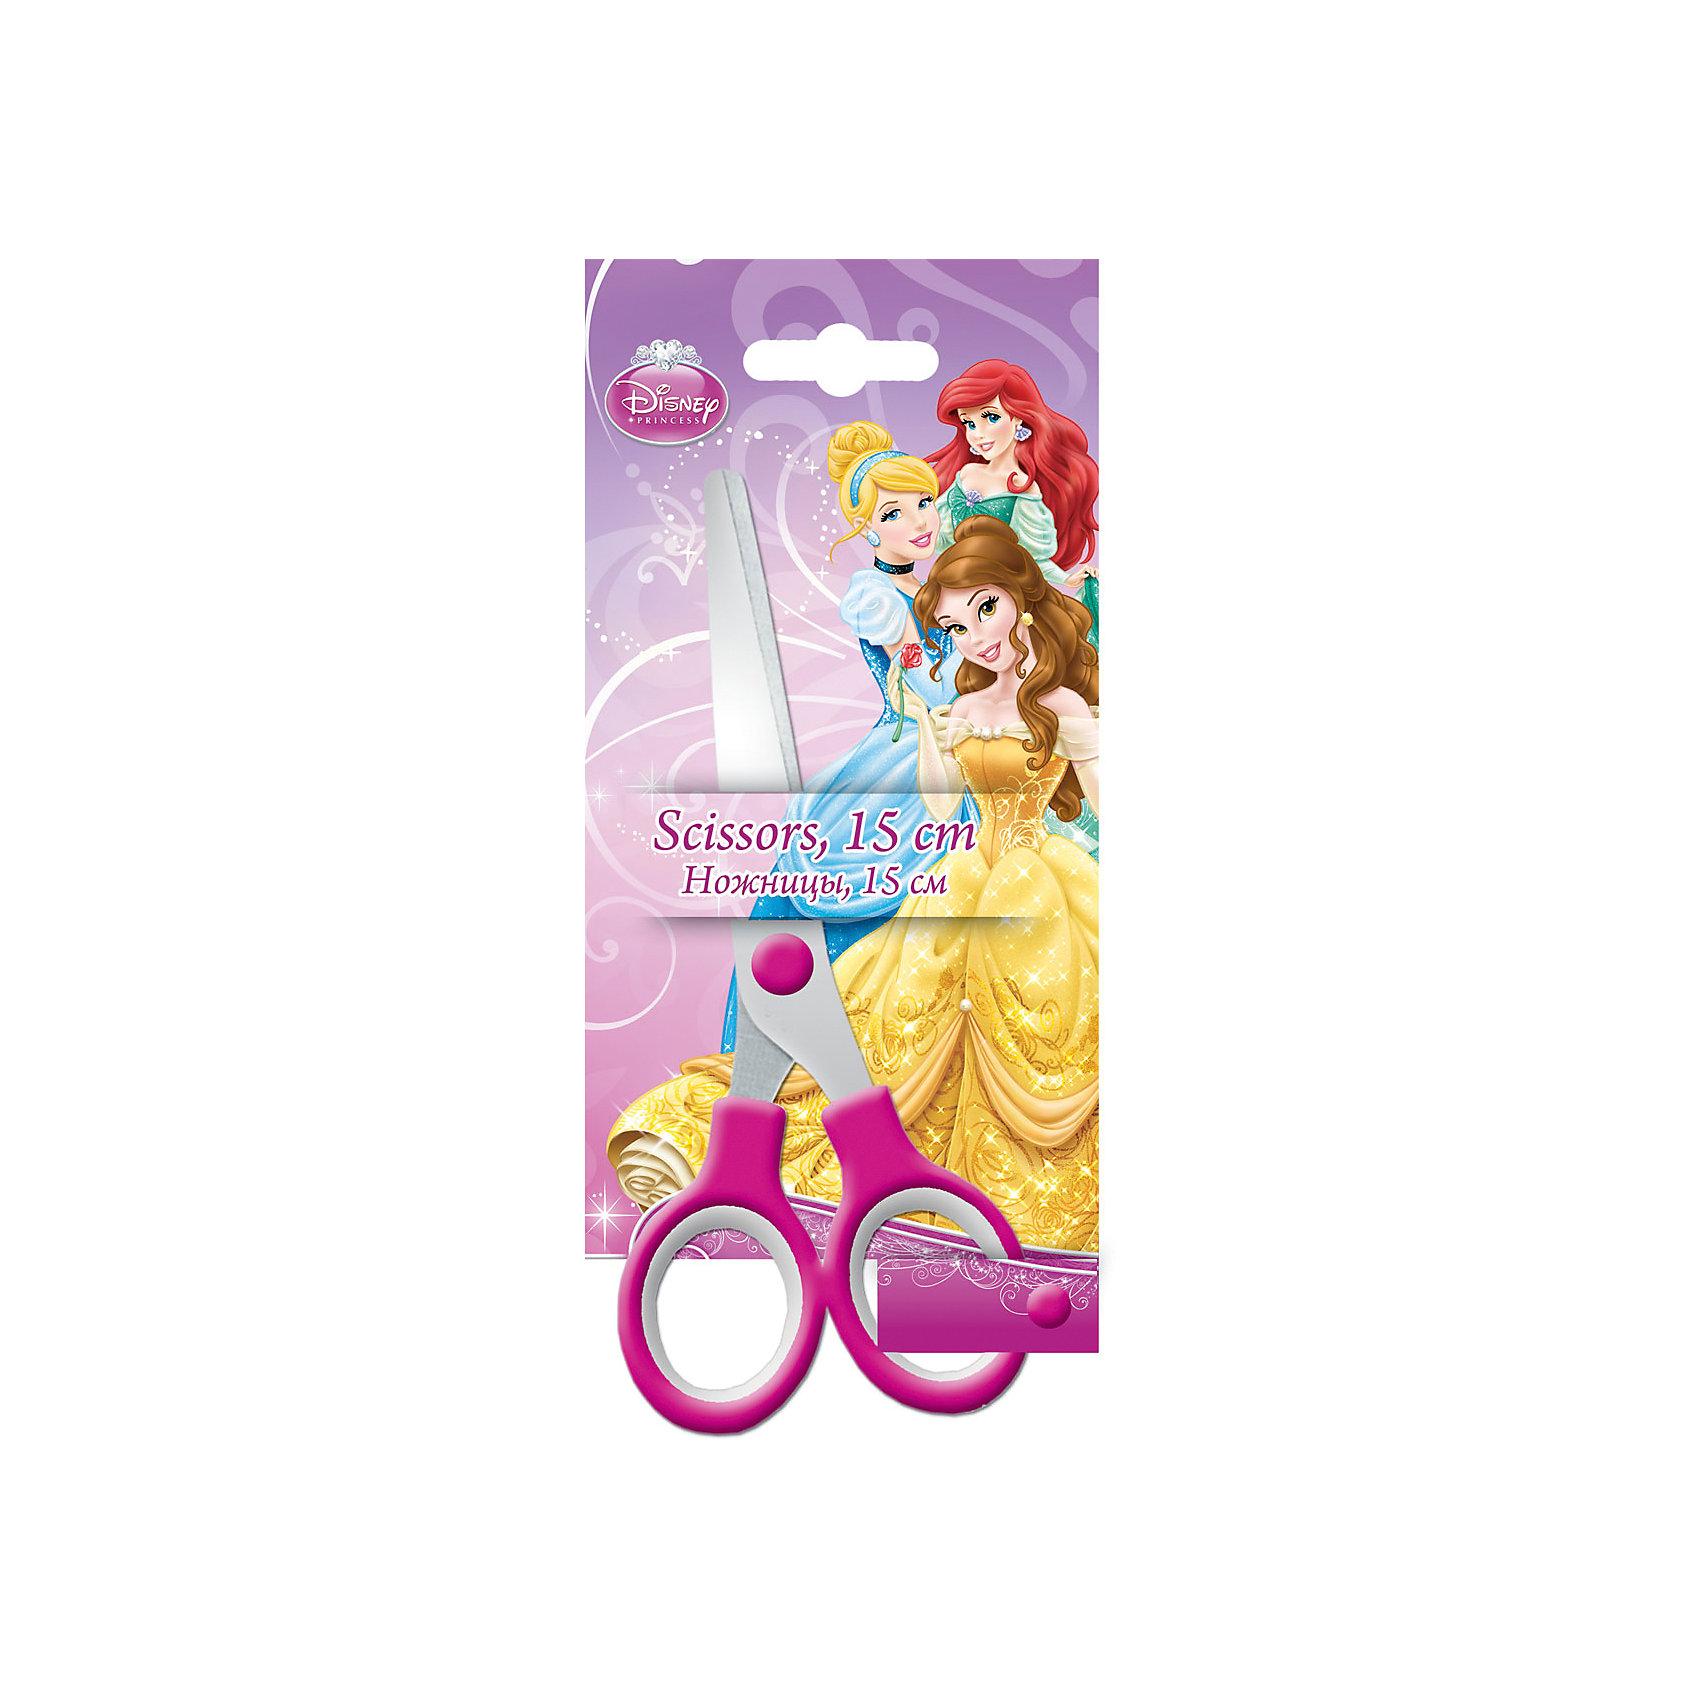 Ножницы 15 см, Принцессы ДиснейНожницы, Принцессы Дисней, прекрасно подойдут для резки бумаги, картона, ткани и других материалов. Ножницы имеют эргономичные пластиковые ручки и безопасные закругленные концы. На прочном и качественном лезвии имеется гравировка в виде логотипа Disney Princess.<br>Упаковка (блистер с европодвесом) украшена изображениями волшебных принцесс из популярных диснеевских мультфильмов.<br><br>Дополнительная информация:<br><br>- Материал: нержавеющая сталь, пластик. <br>- Размер ножниц: 15 см.<br>- Размер упаковки: 18 x 18 х 1 см.<br>- Вес: 41 гр.<br><br>Ножницы 15 см, Принцессы Дисней, можно купить в нашем интернет-магазине.<br><br>Ширина мм: 175<br>Глубина мм: 80<br>Высота мм: 0<br>Вес г: 41<br>Возраст от месяцев: 48<br>Возраст до месяцев: 84<br>Пол: Женский<br>Возраст: Детский<br>SKU: 4489574